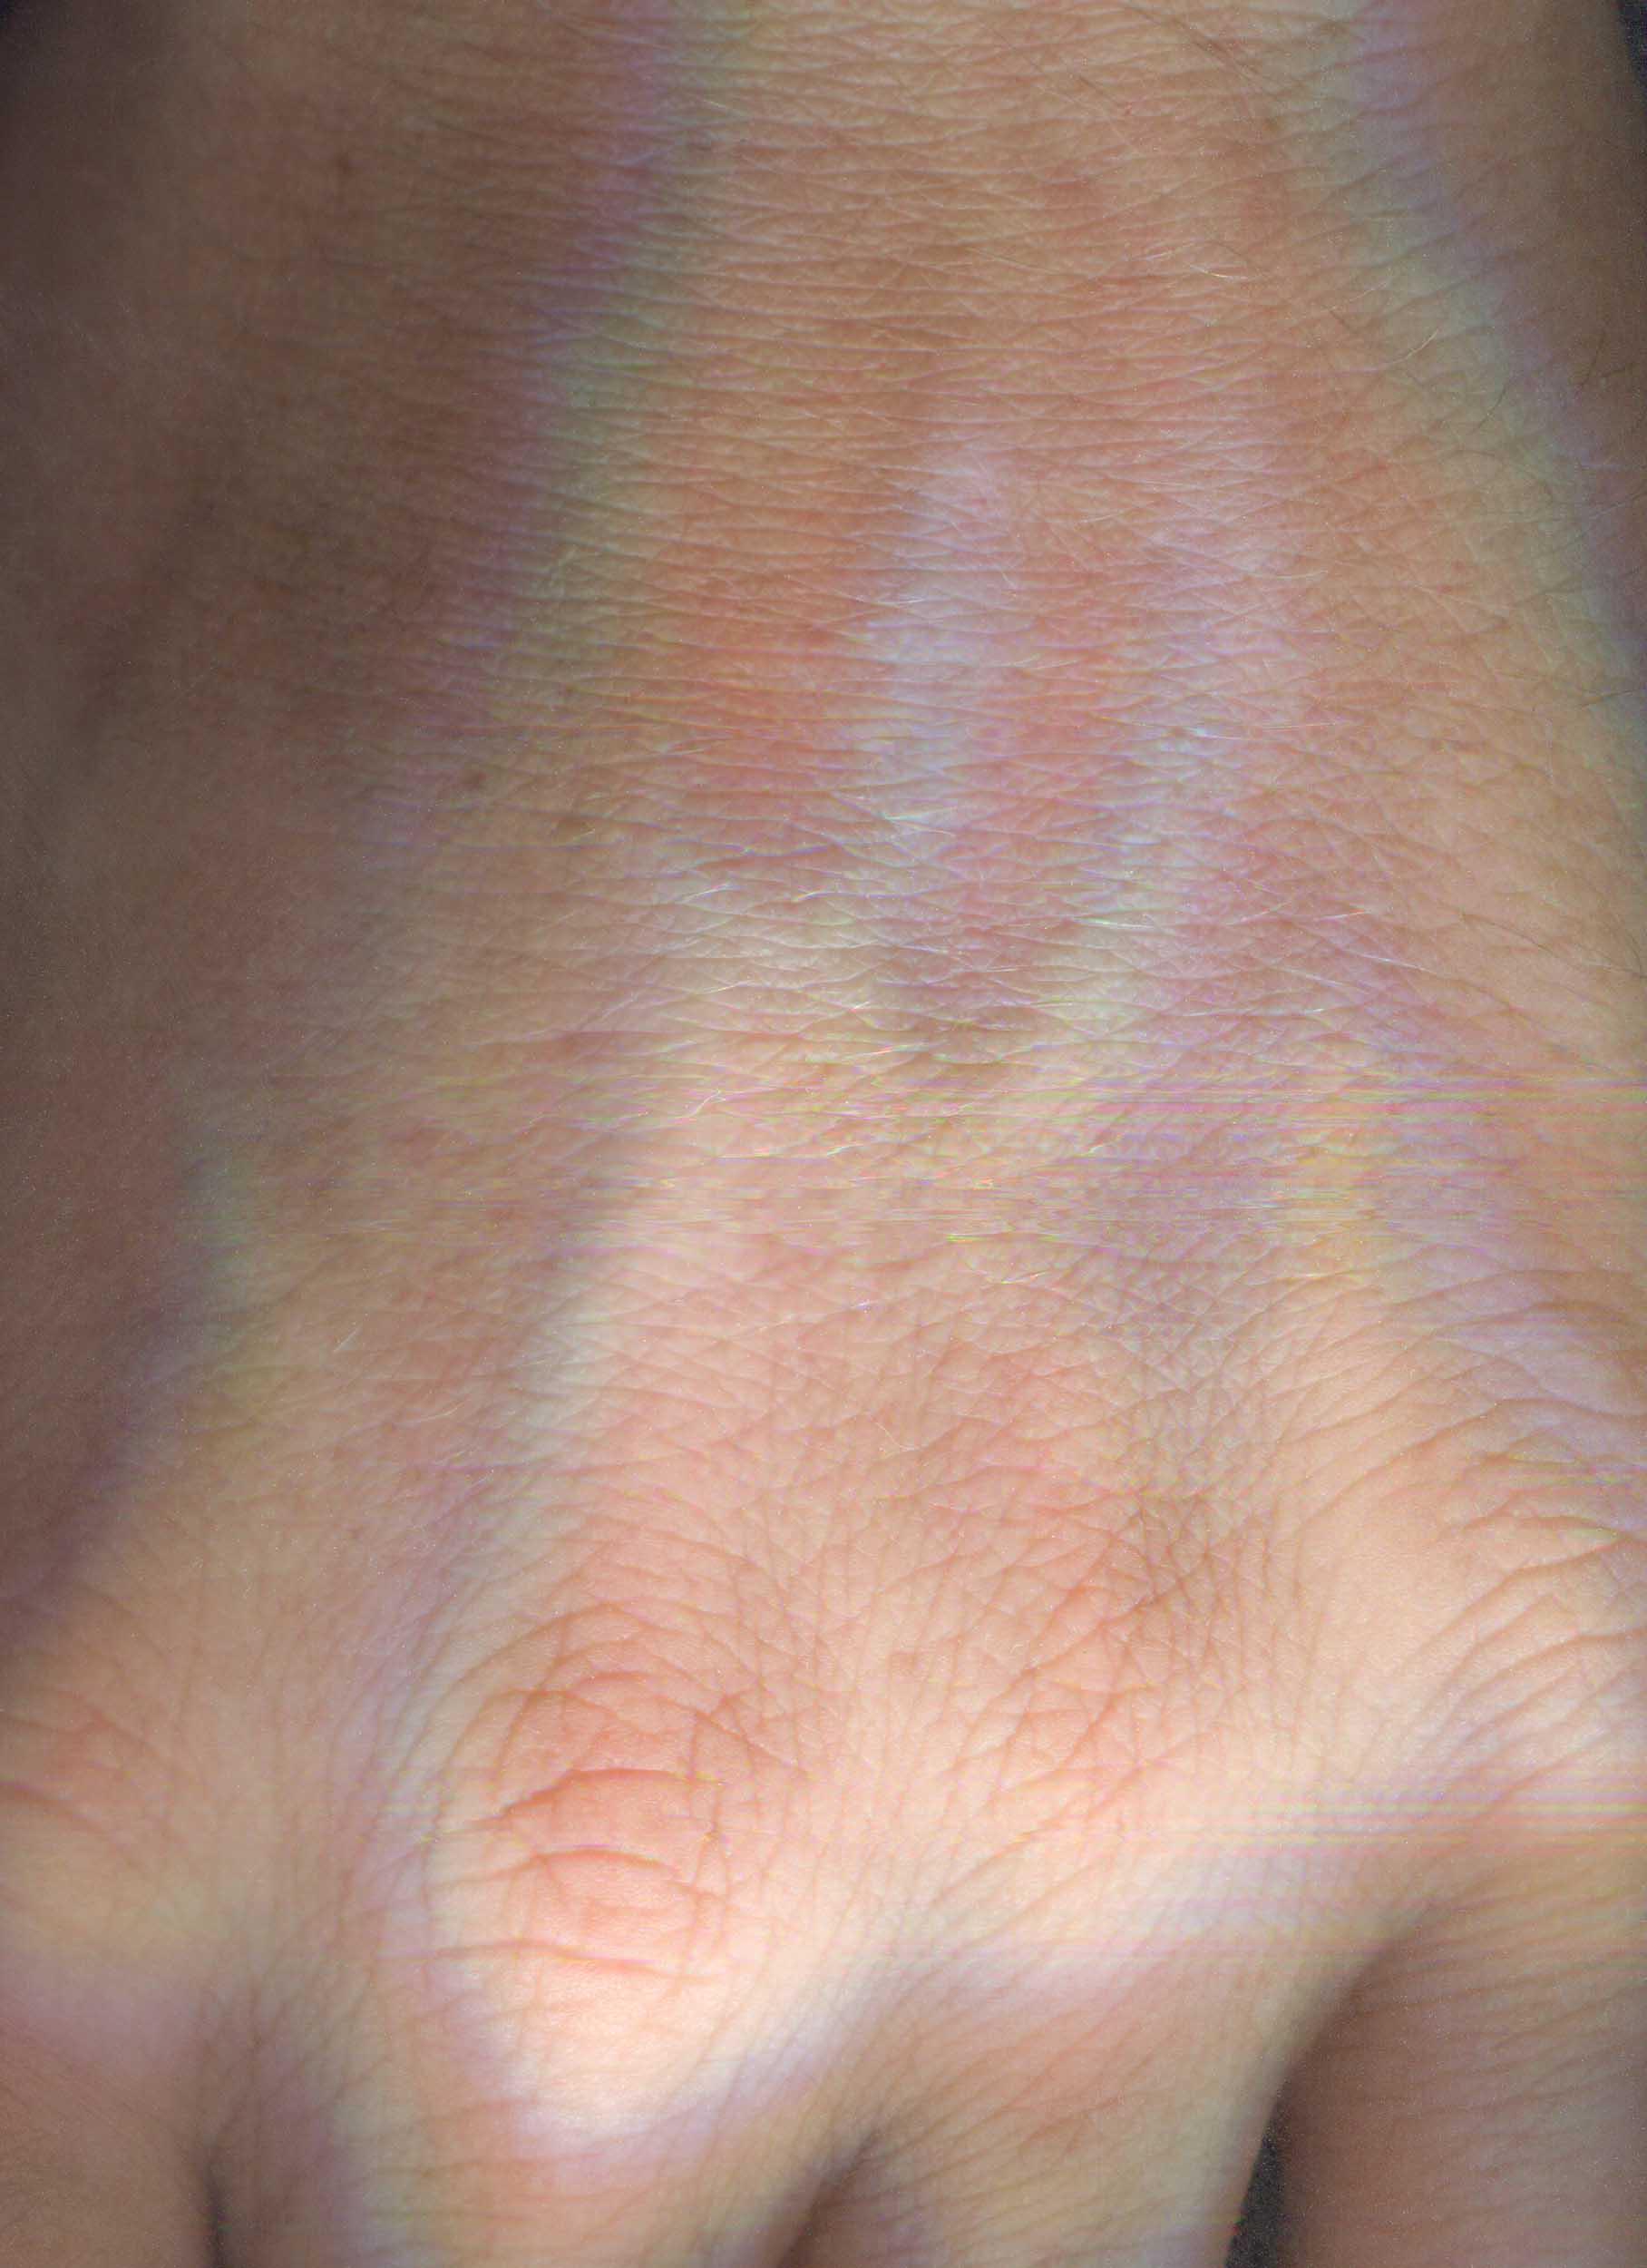 hodosy_invisible-you-honlap-3-3.jpg